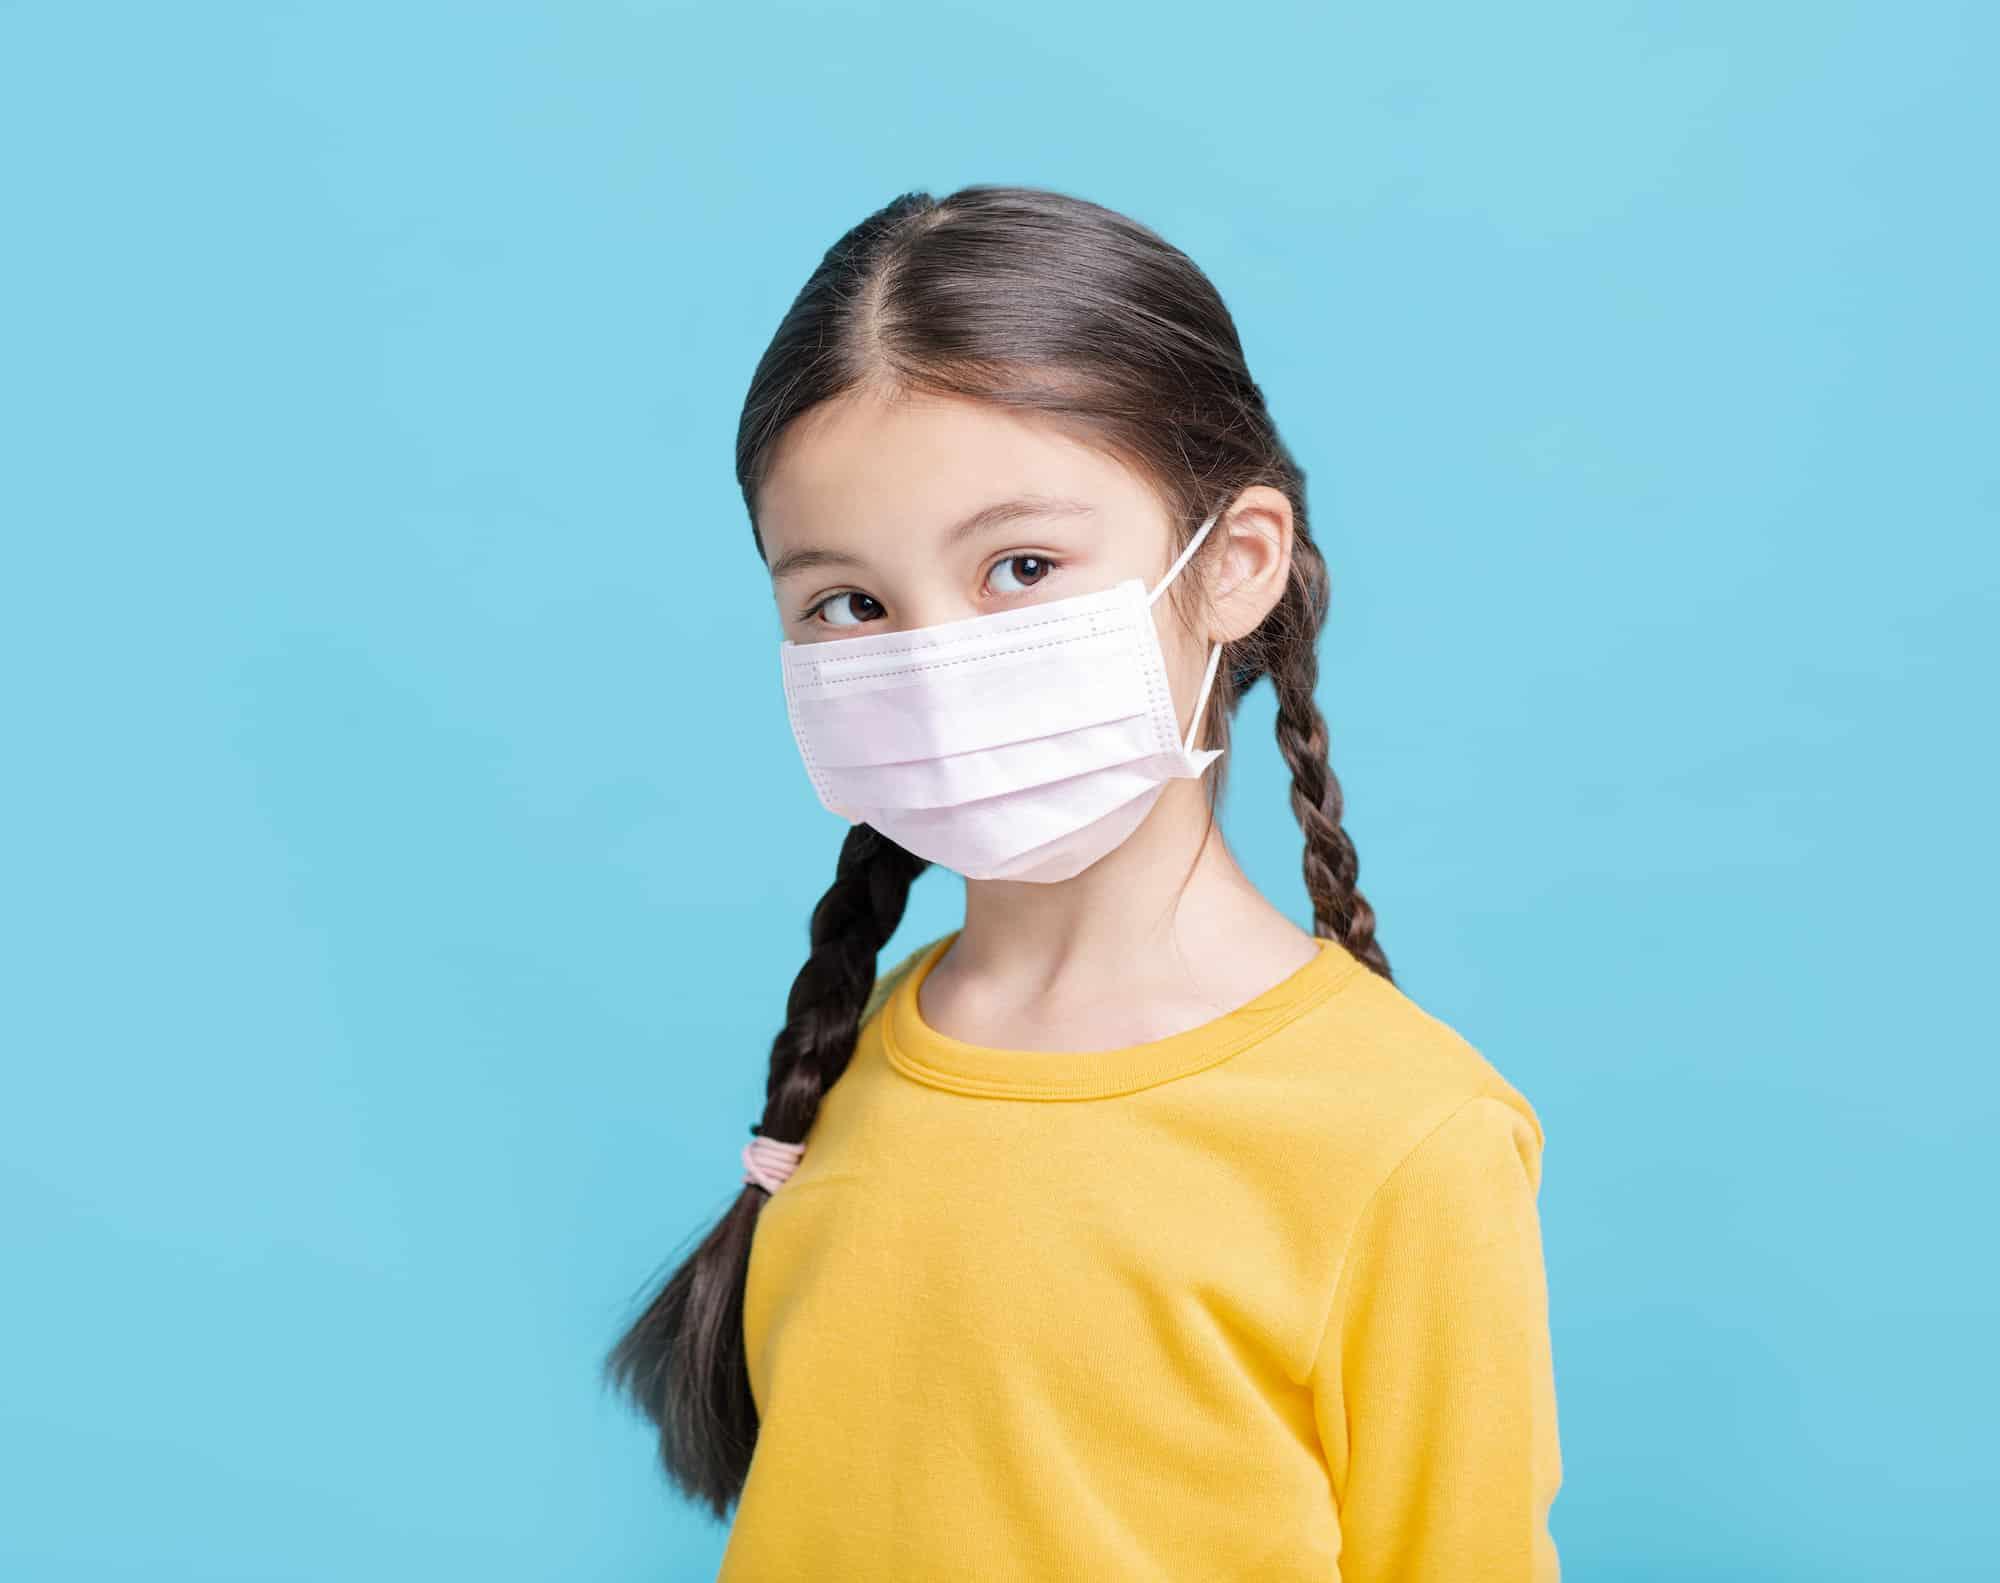 covid-19 / coronavirus in children